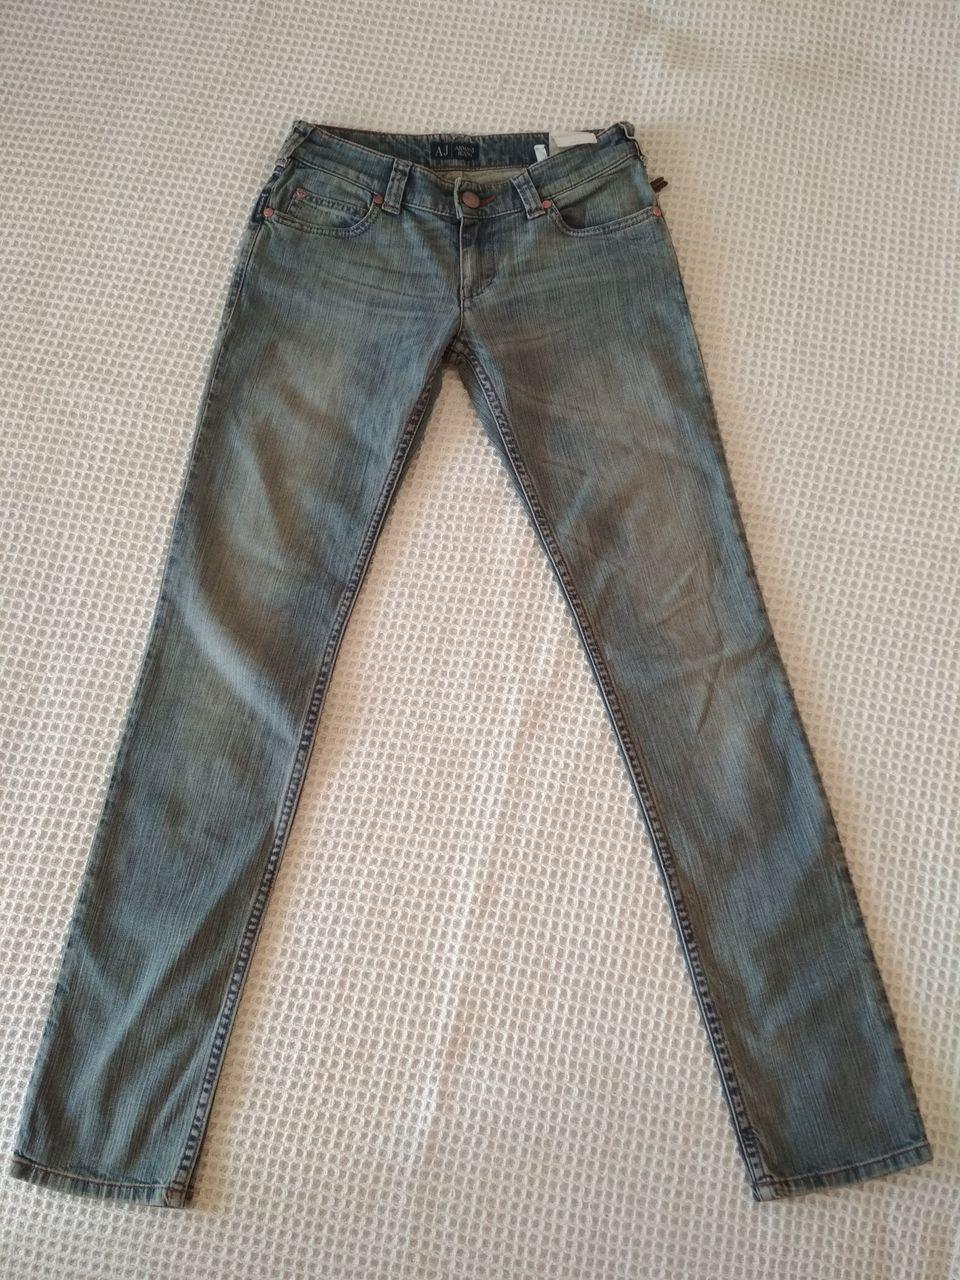 Новые джинсы Armani Jeans. Размер 25 5d05b05d36d25